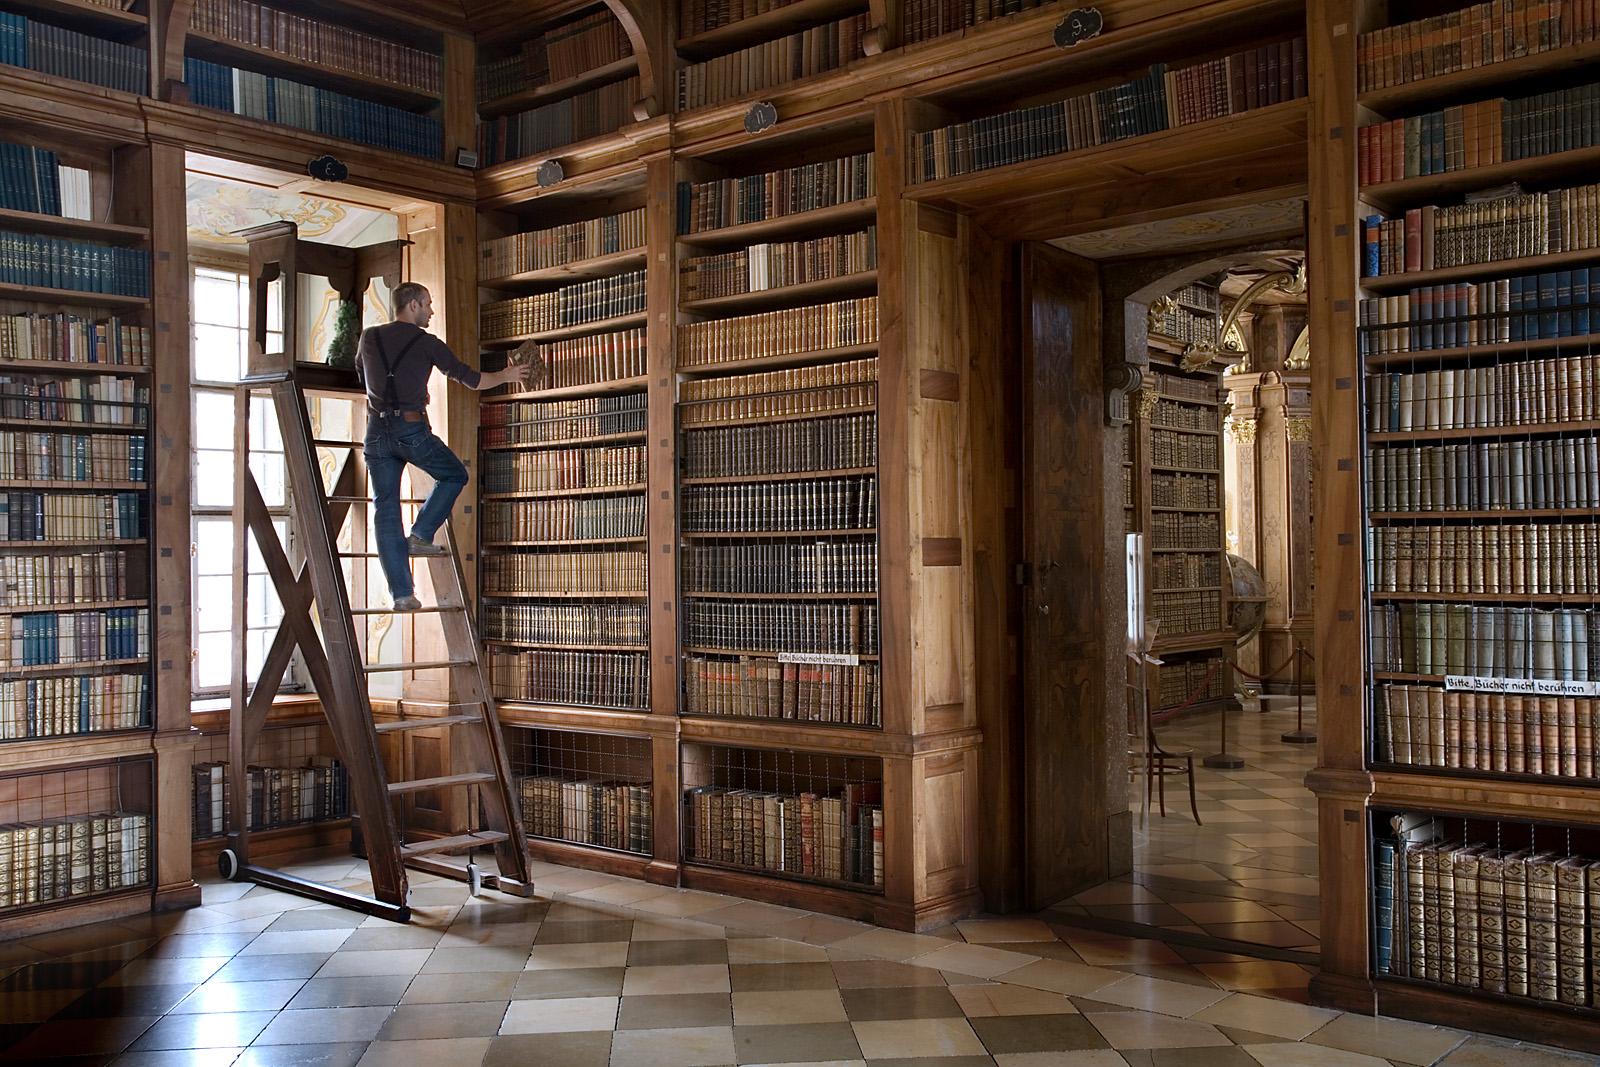 Austria - Melk Abbey Library